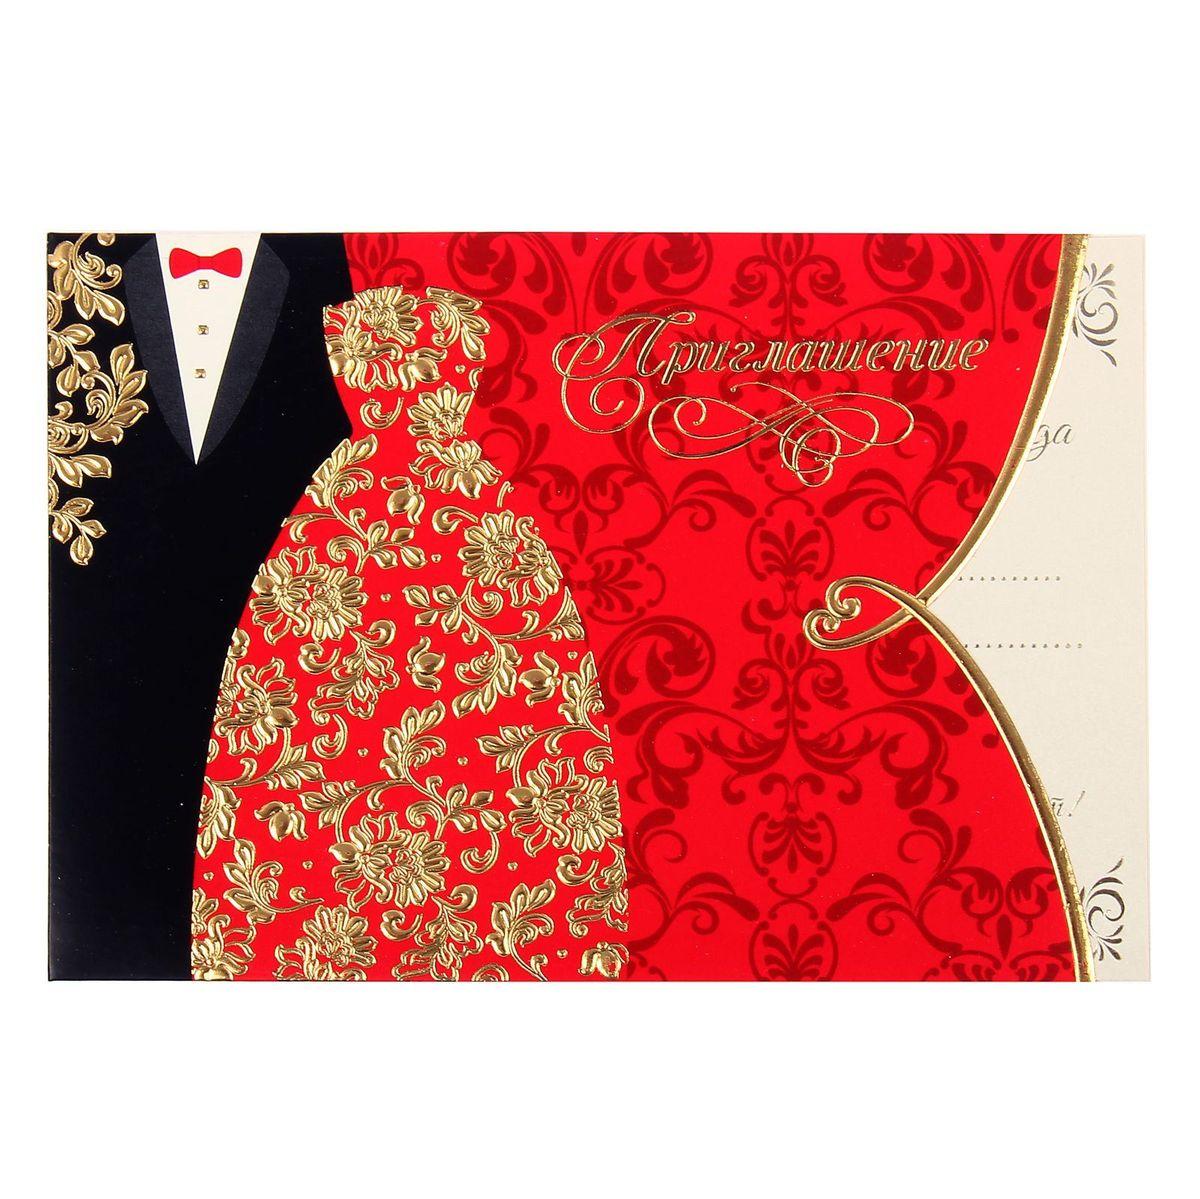 Приглашение на свадьбу Sima-land Влюбленная пара, 18,5 х 12,7 см97775318Когда дата и время бракосочетания уже известны, и вы определились со списком гостей, необходимо оповестить их о предстоящем празднике. Существует традиция делать персональные приглашения с указанием времени и даты мероприятия. Но перед свадьбой столько всего надо успеть, что на изготовление десятков открыток просто не остается времени. В этом случае вам придет на помощь приглашение на свадьбу Sima-land Влюбленная пара.Отличительной особенностью изделия является совмещение эффектов конгрева и тиснения золотом, благодаря чему оно выглядит роскошно и дорого. Текст со свободными полями для имени адресата, времени, даты и адреса проведения мероприятия напечатан золотым тиснением на бумаге, которая вкладывается в открытку. Вам остается только заполнить необходимые строки и раздать приглашения гостям.Это потрясающее приглашение достойно стать частью такого важного события в жизни, как свадьба!